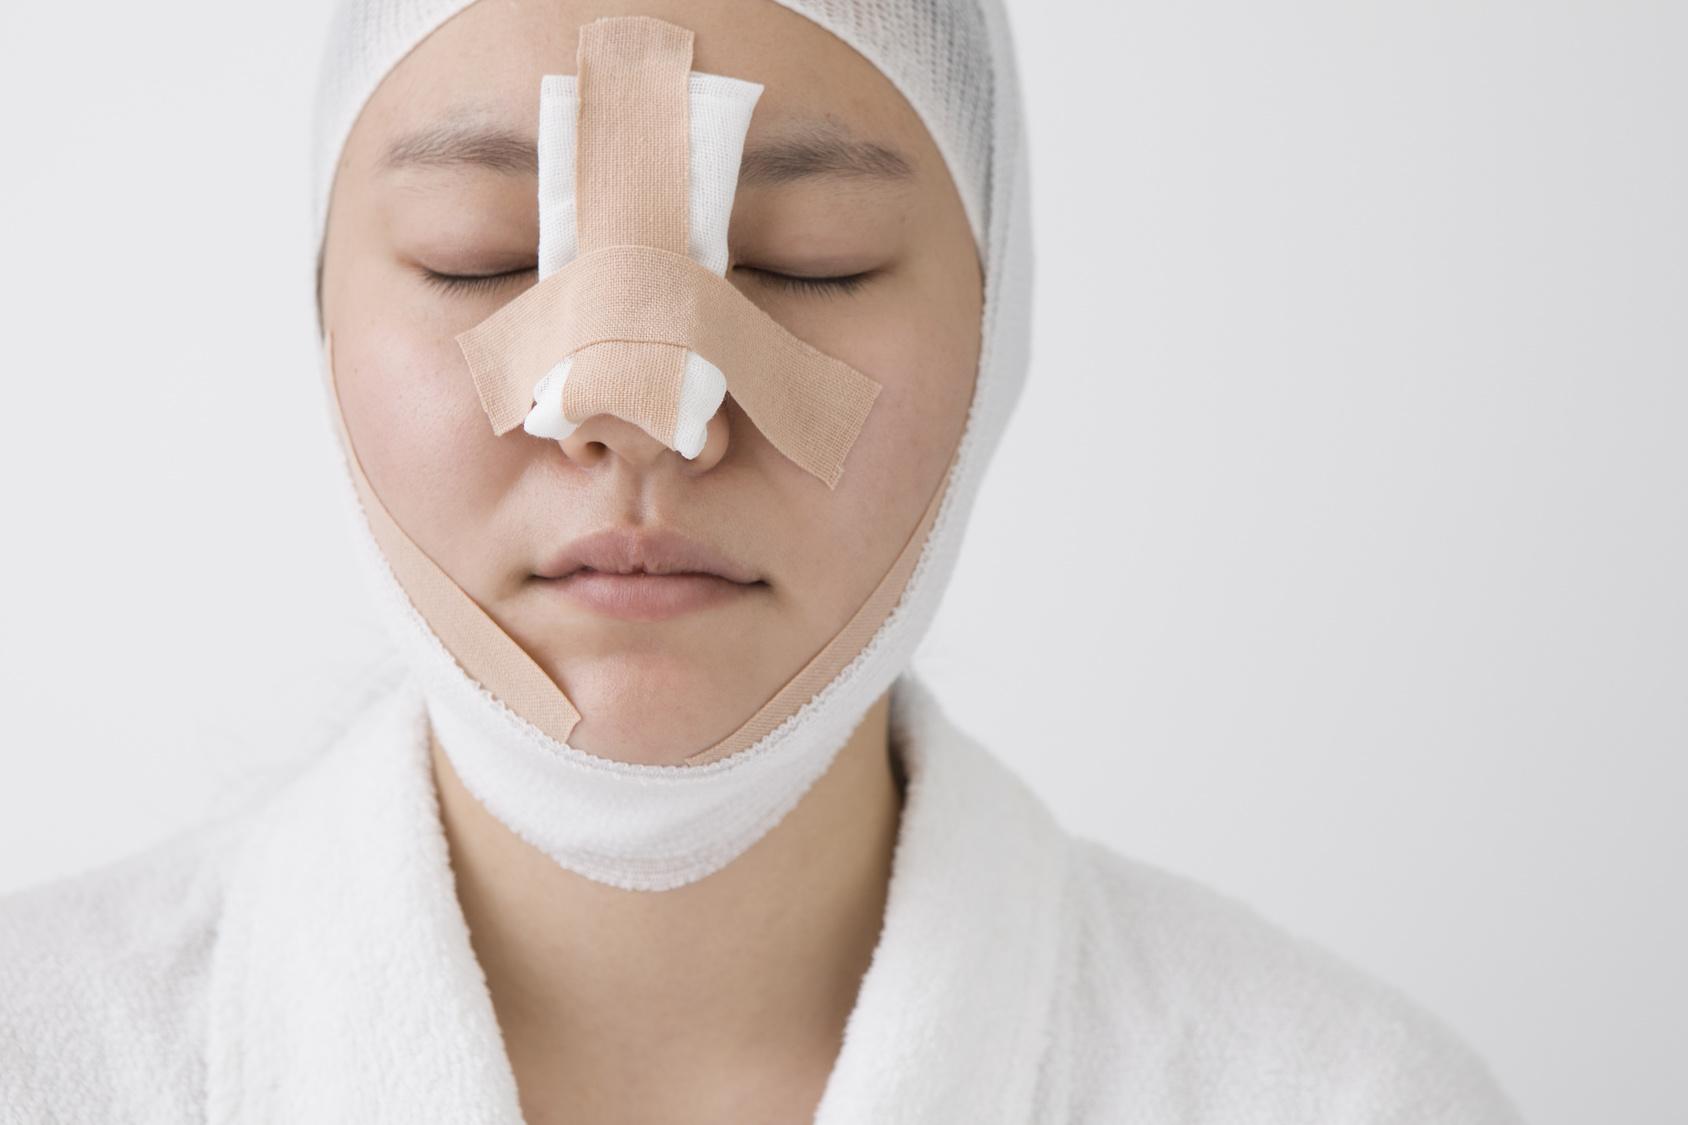 鼻 自家組織移植のアフターケア